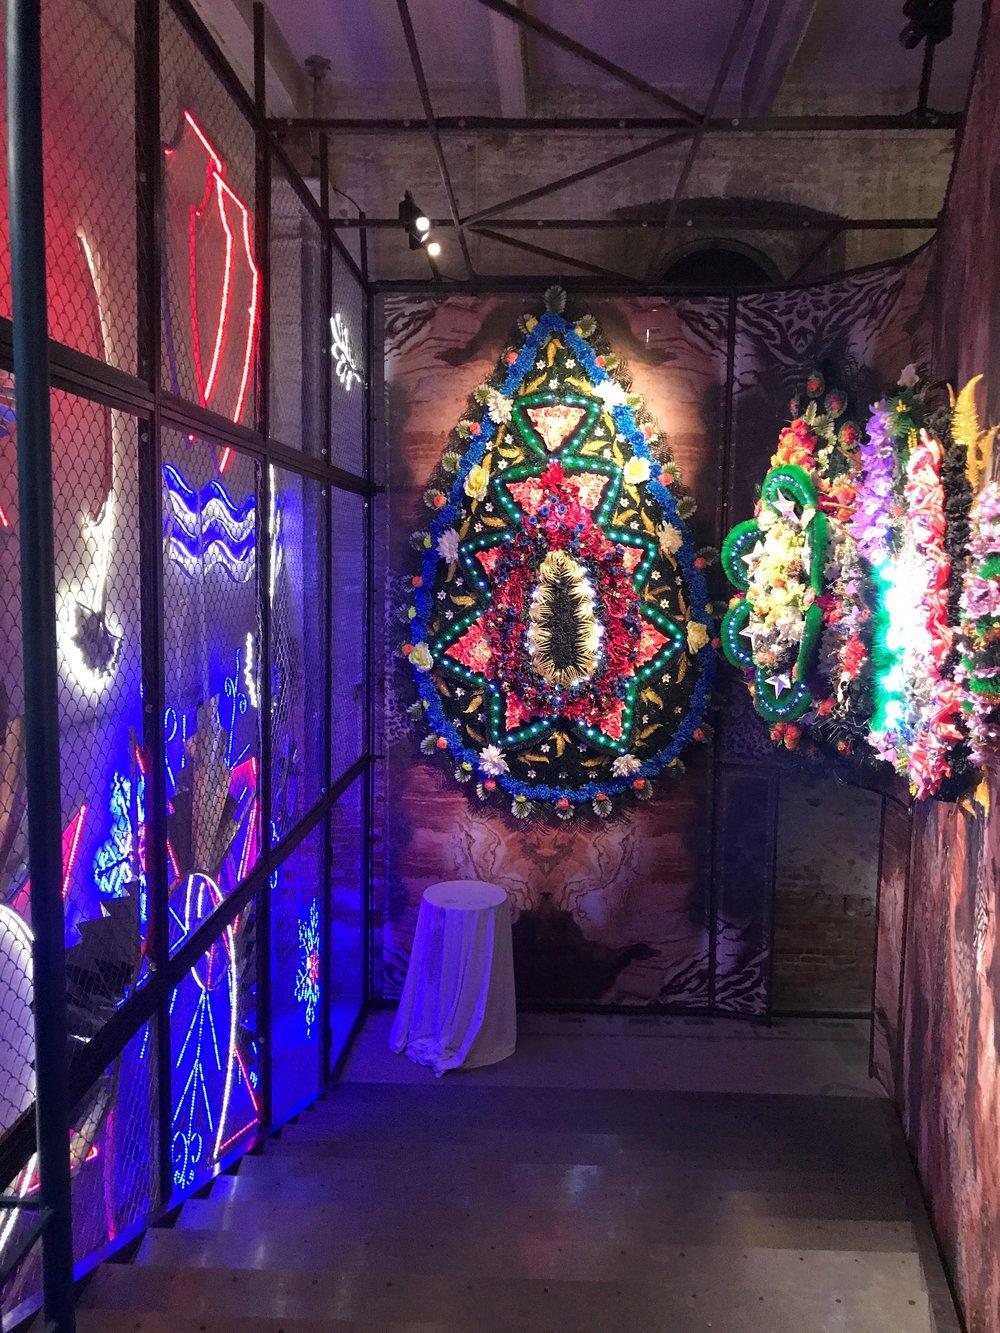 Irina Korina's installation